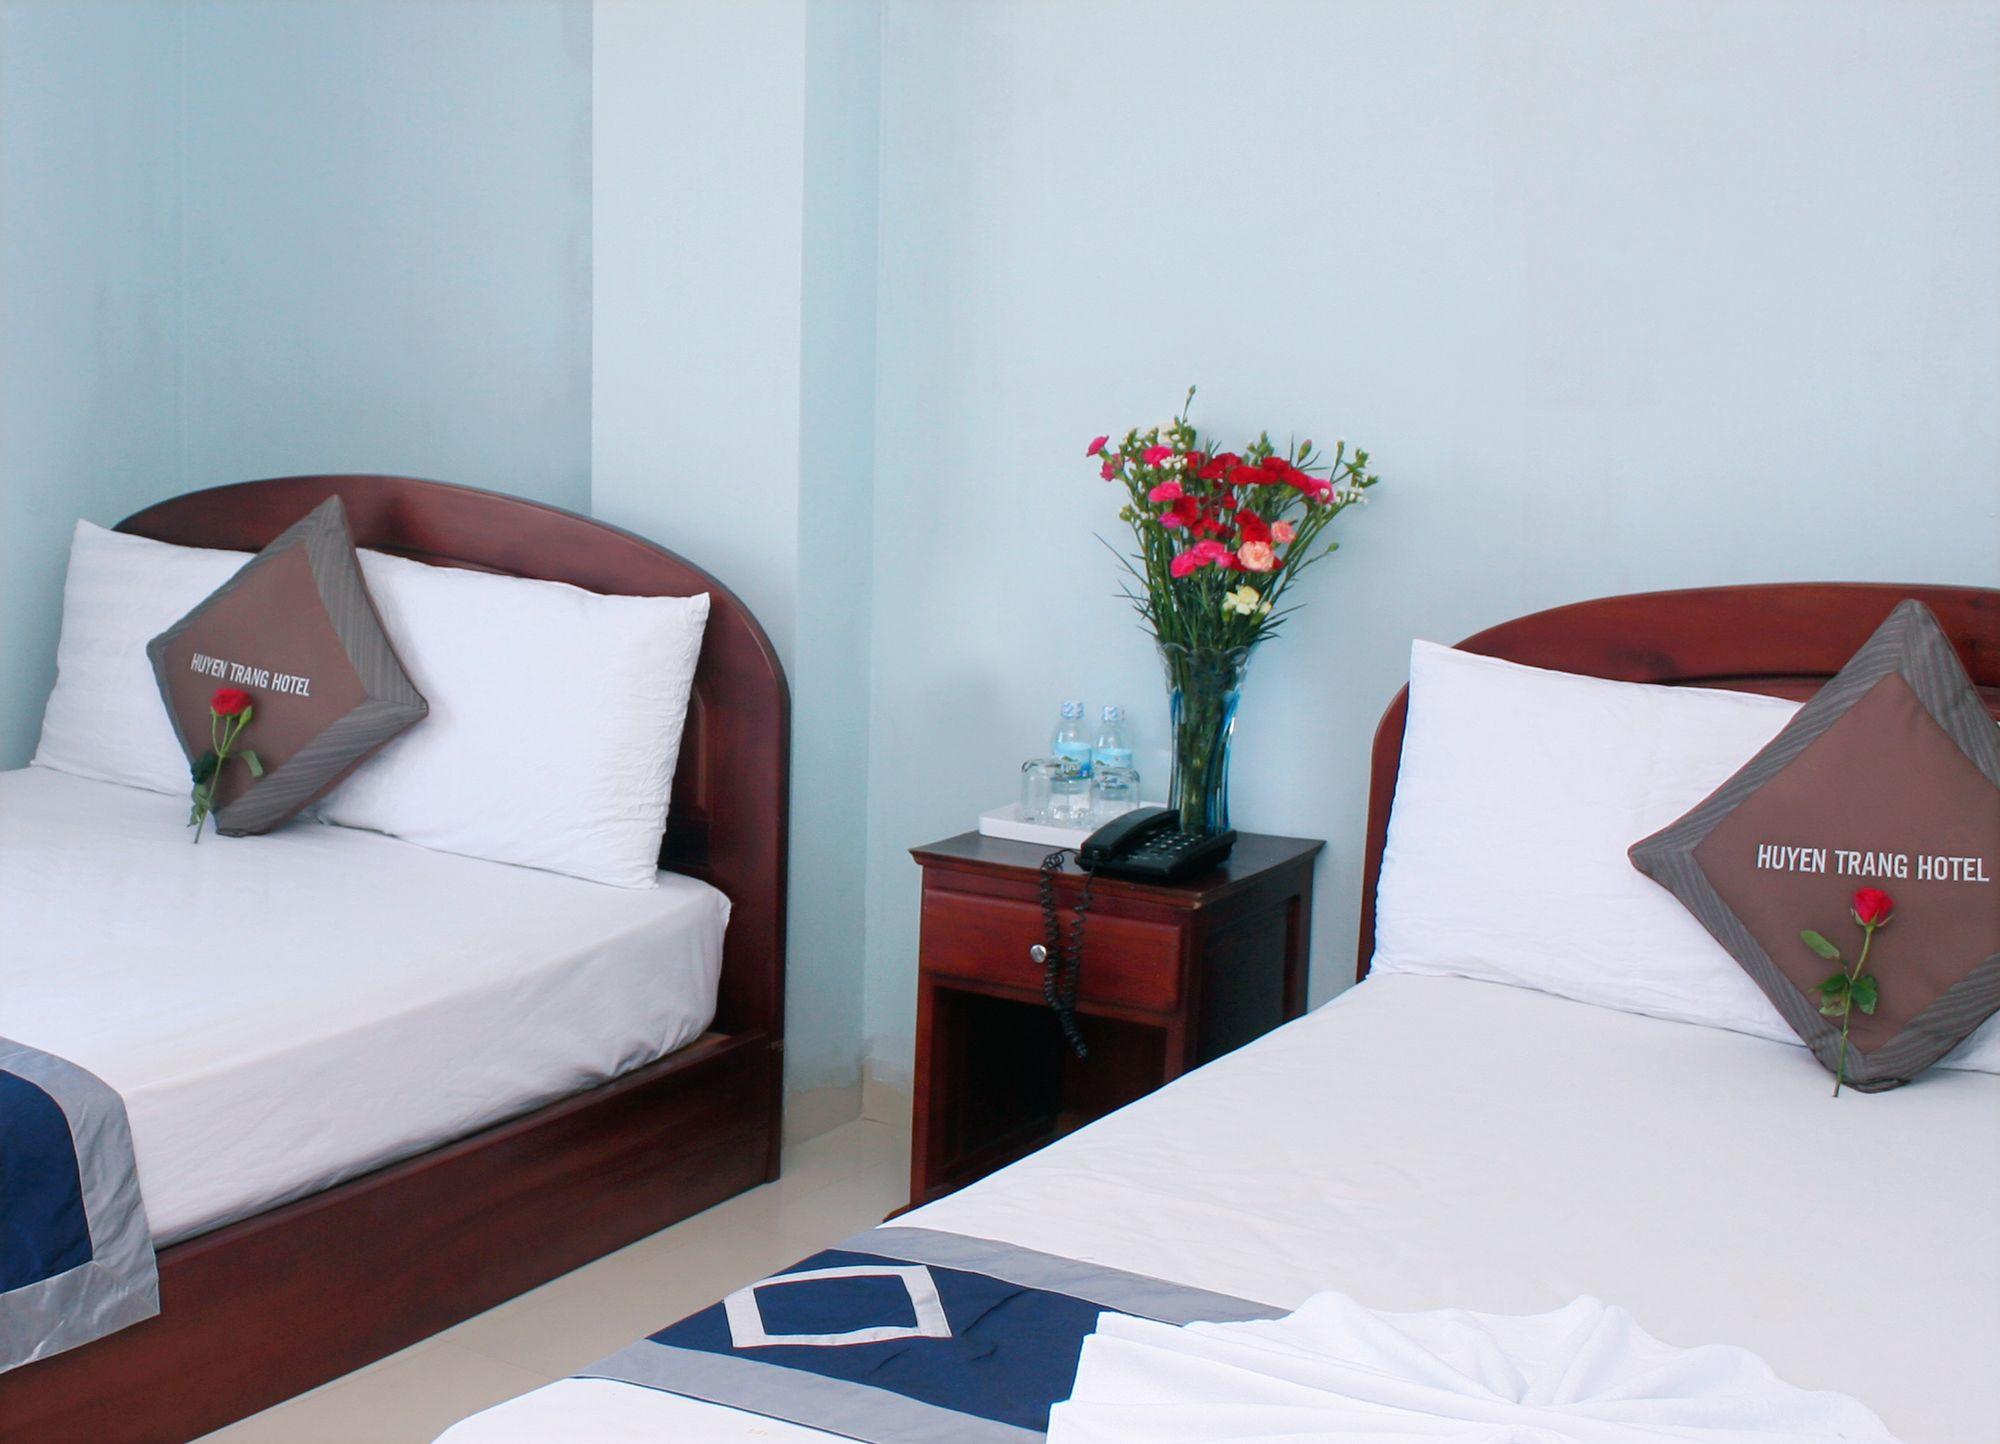 Huyen Trang Hotel